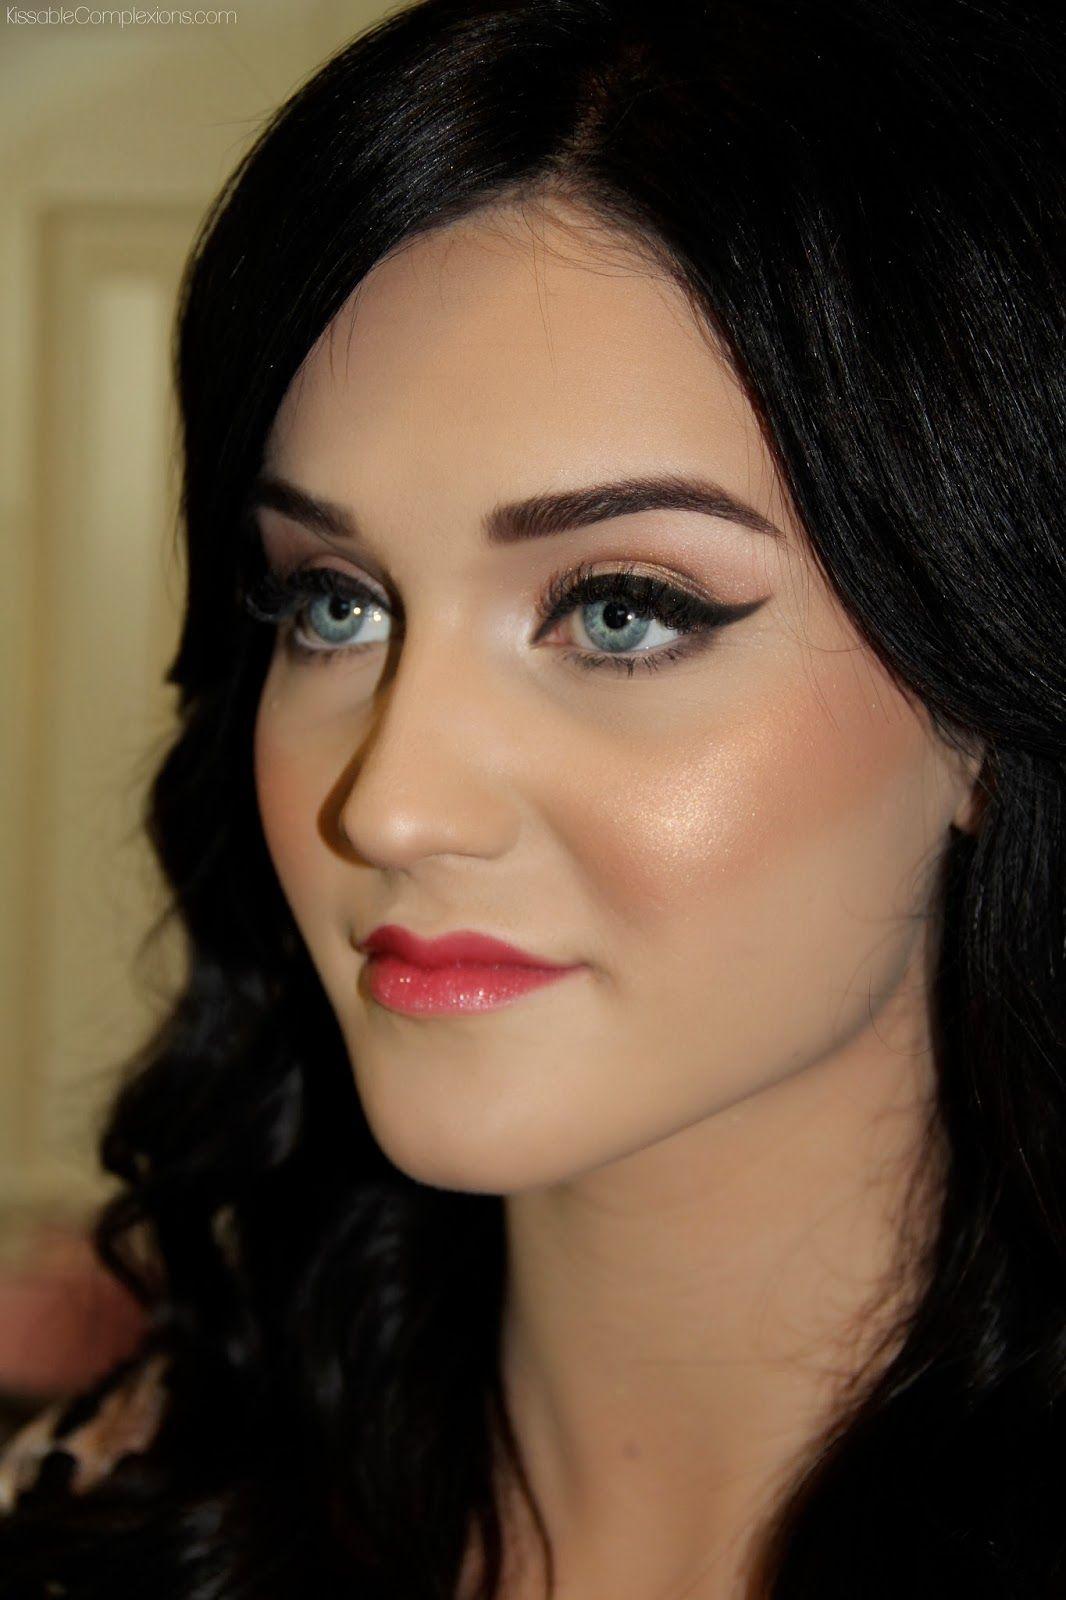 Snow White fair skin makeup Fair skin makeup, Hair